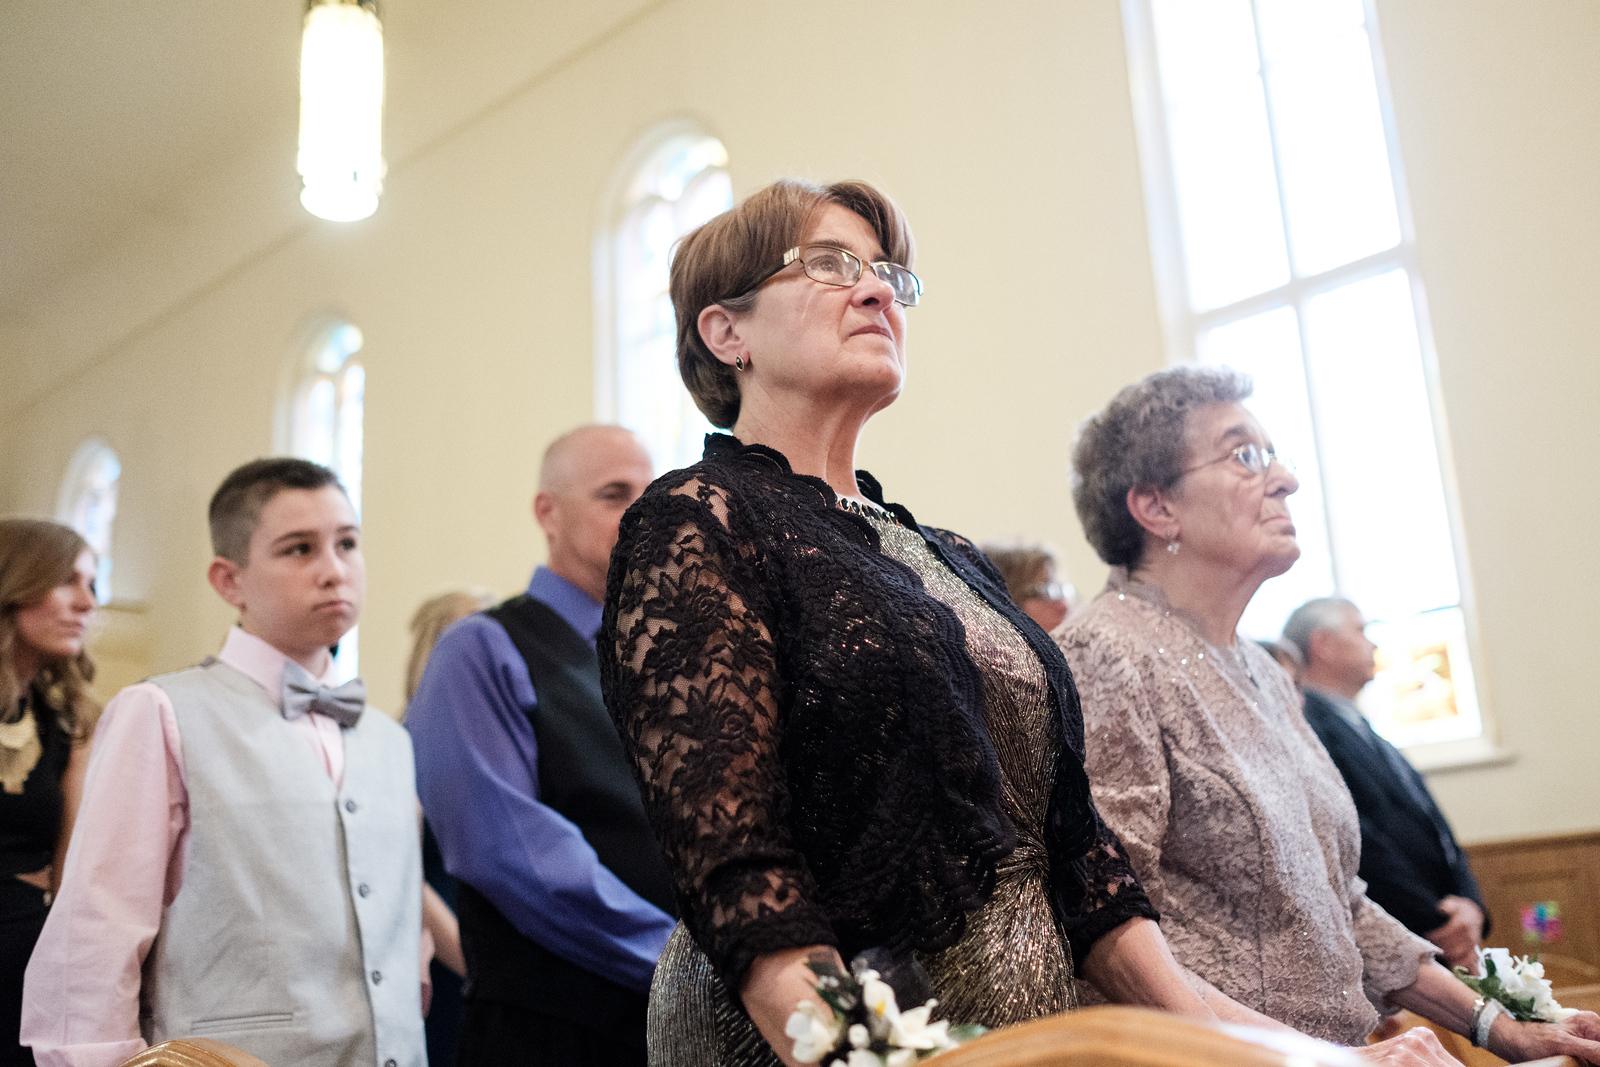 Kelli & Pat - Prairie St Brewhouse Wedding